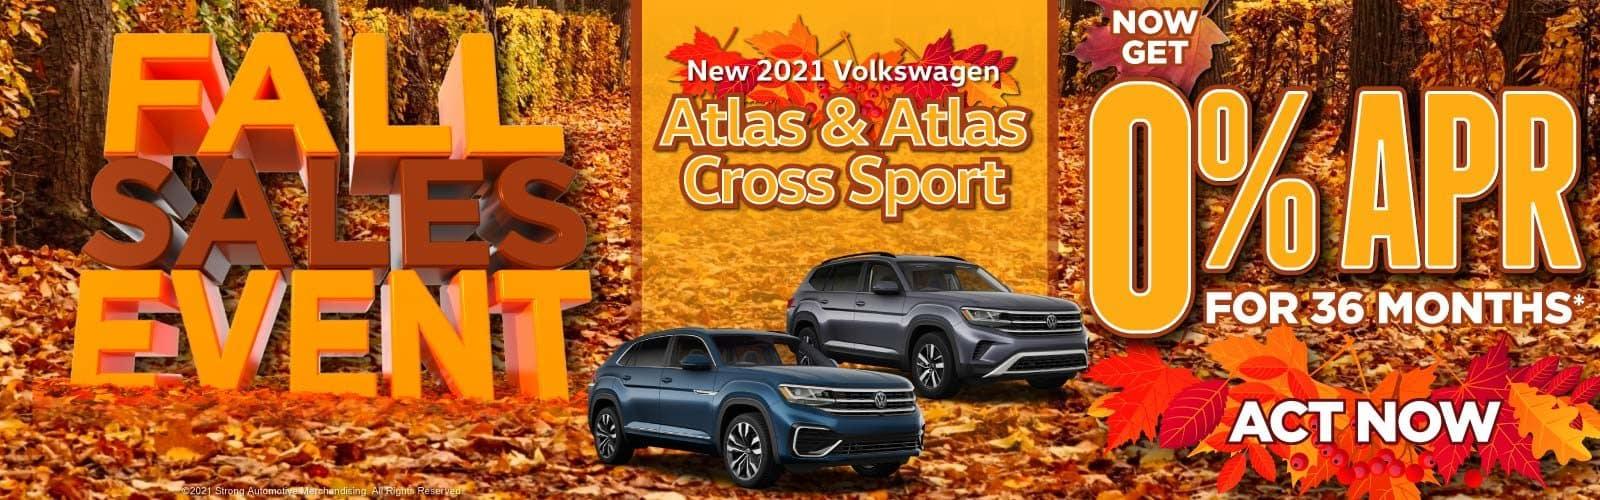 New 2021 Volkswagen Atlas & Atlas Cross Sport - Now Get 0% APR for 36 Months — ACT NOW